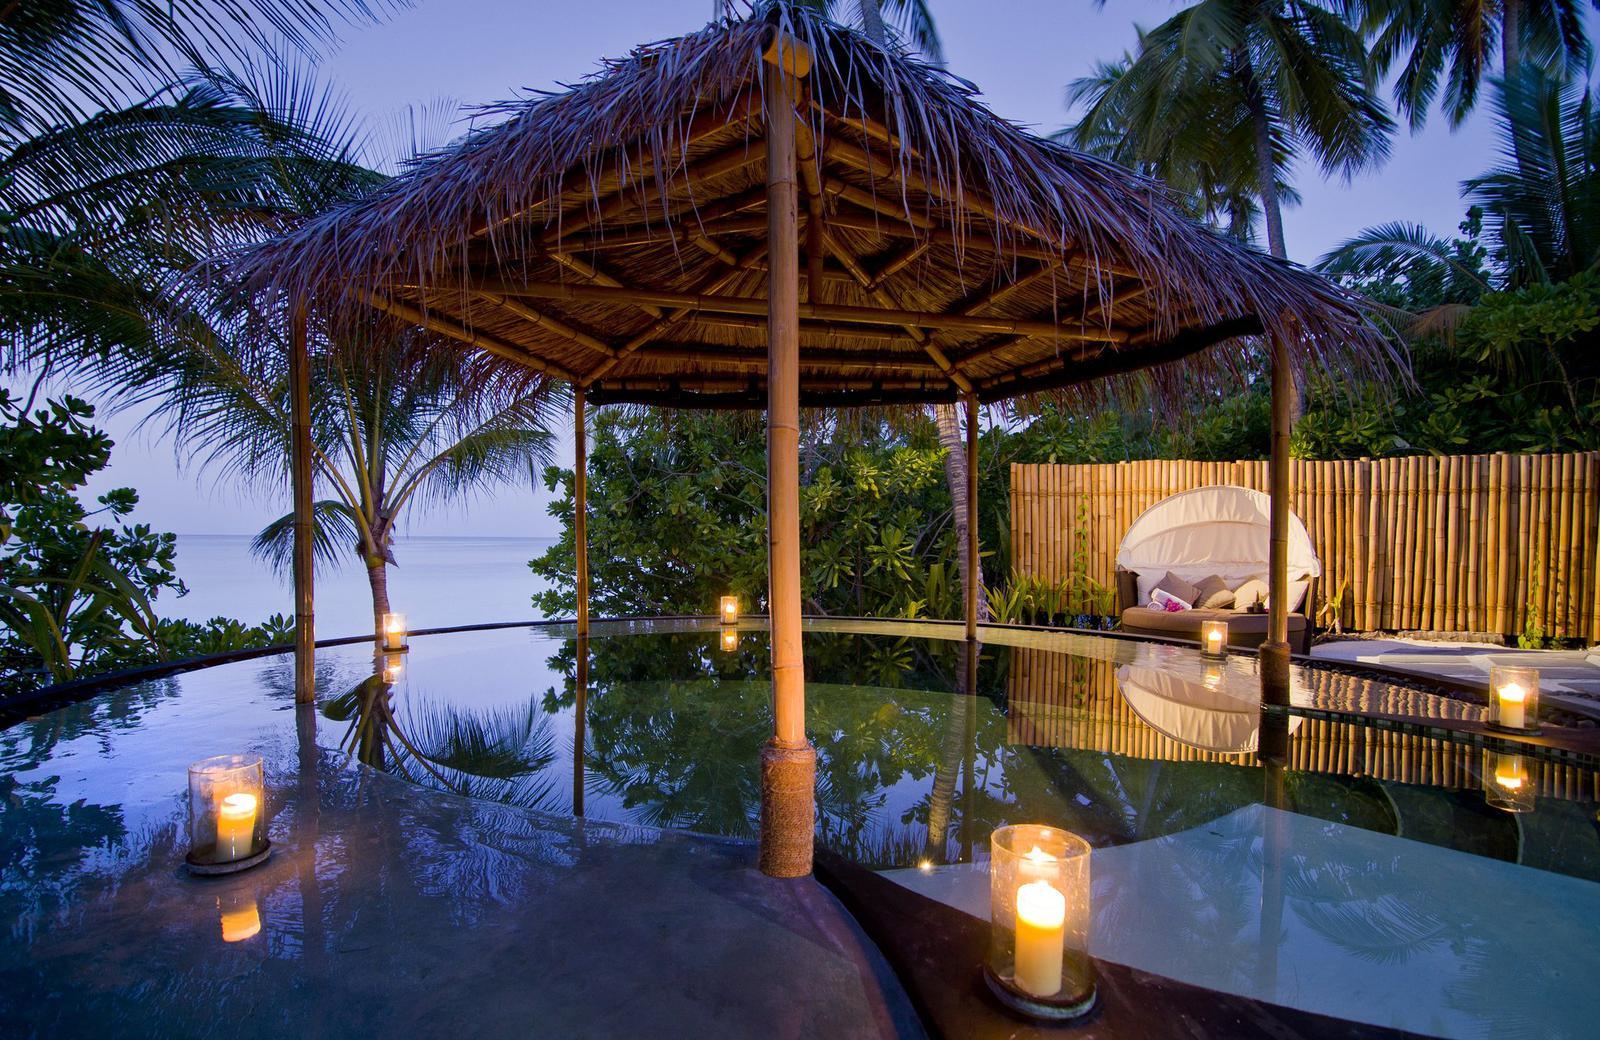 Los 10 mejores hoteles de playa del mundo for Islas maldivas hoteles en el agua